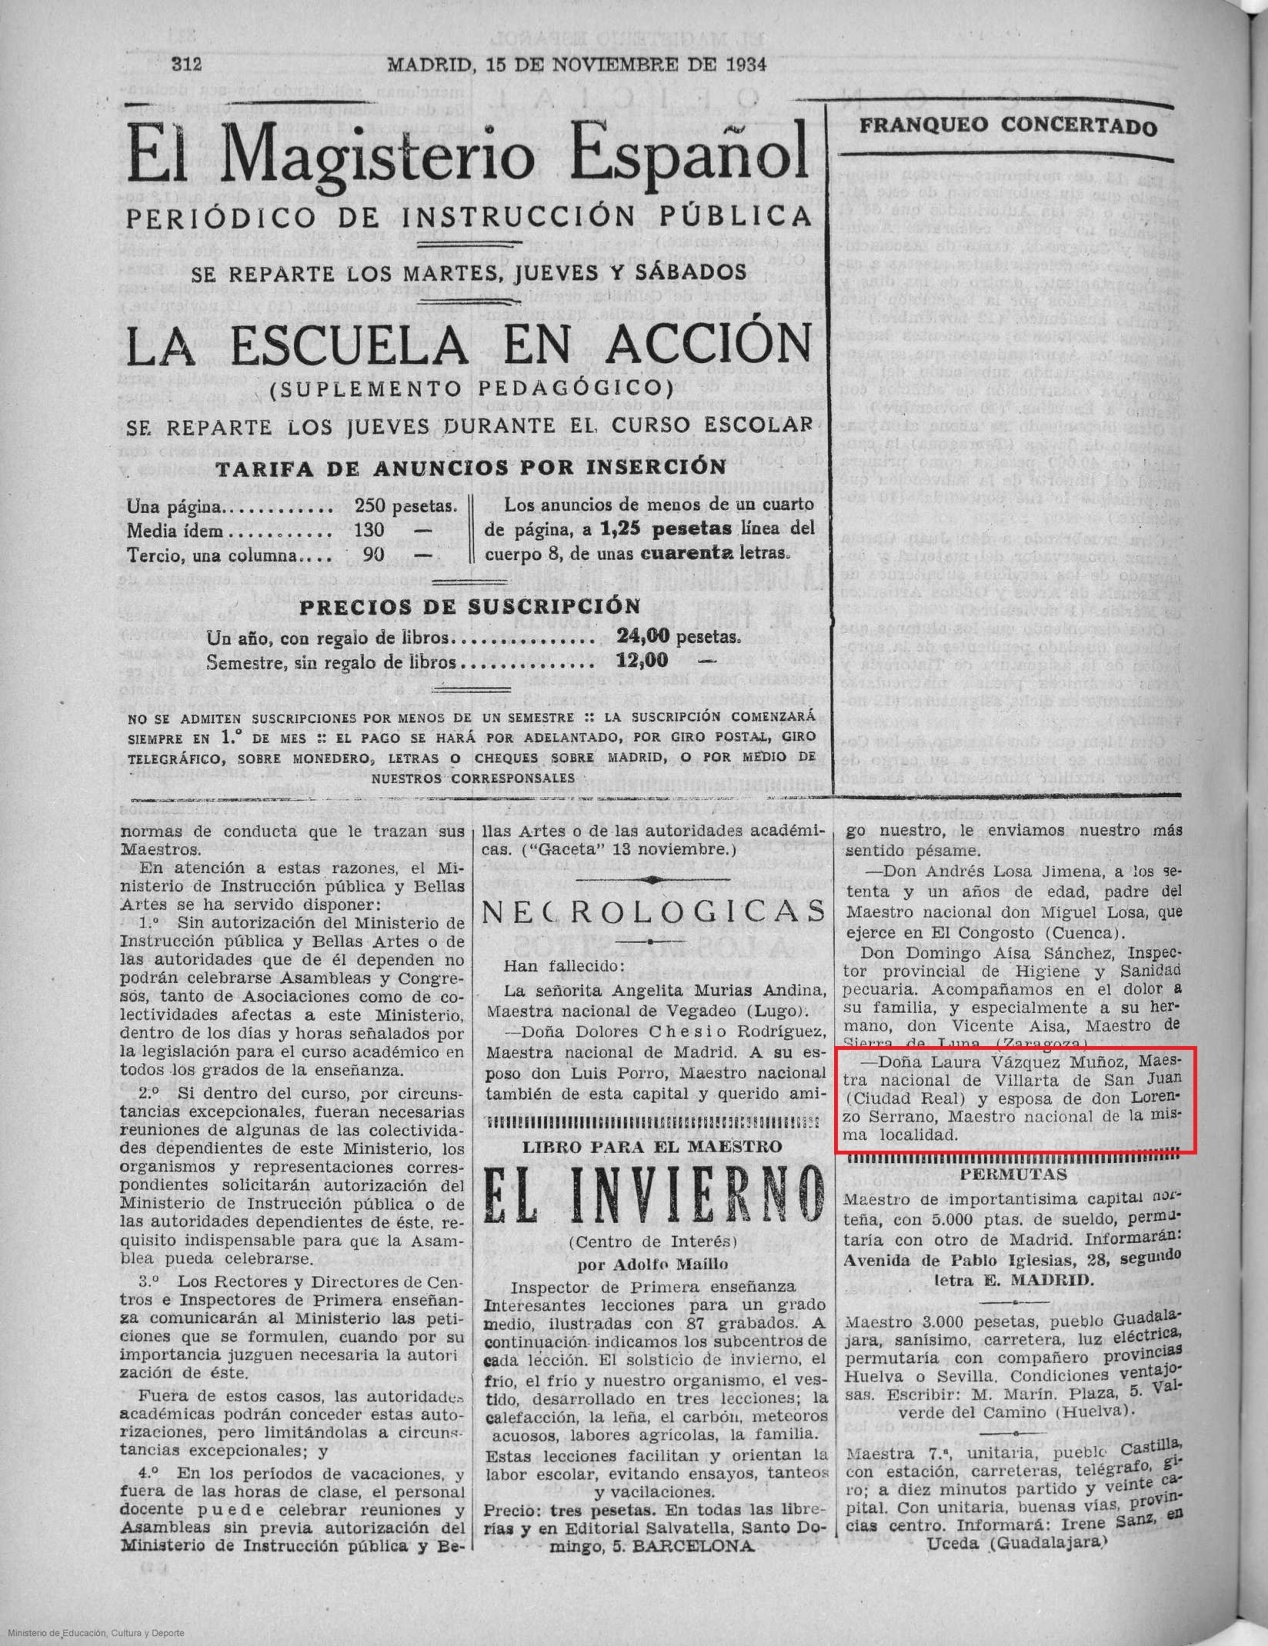 L.S. MAGISTERIO ESPAÑOL 15-11-1934 prensa_0411.jpg